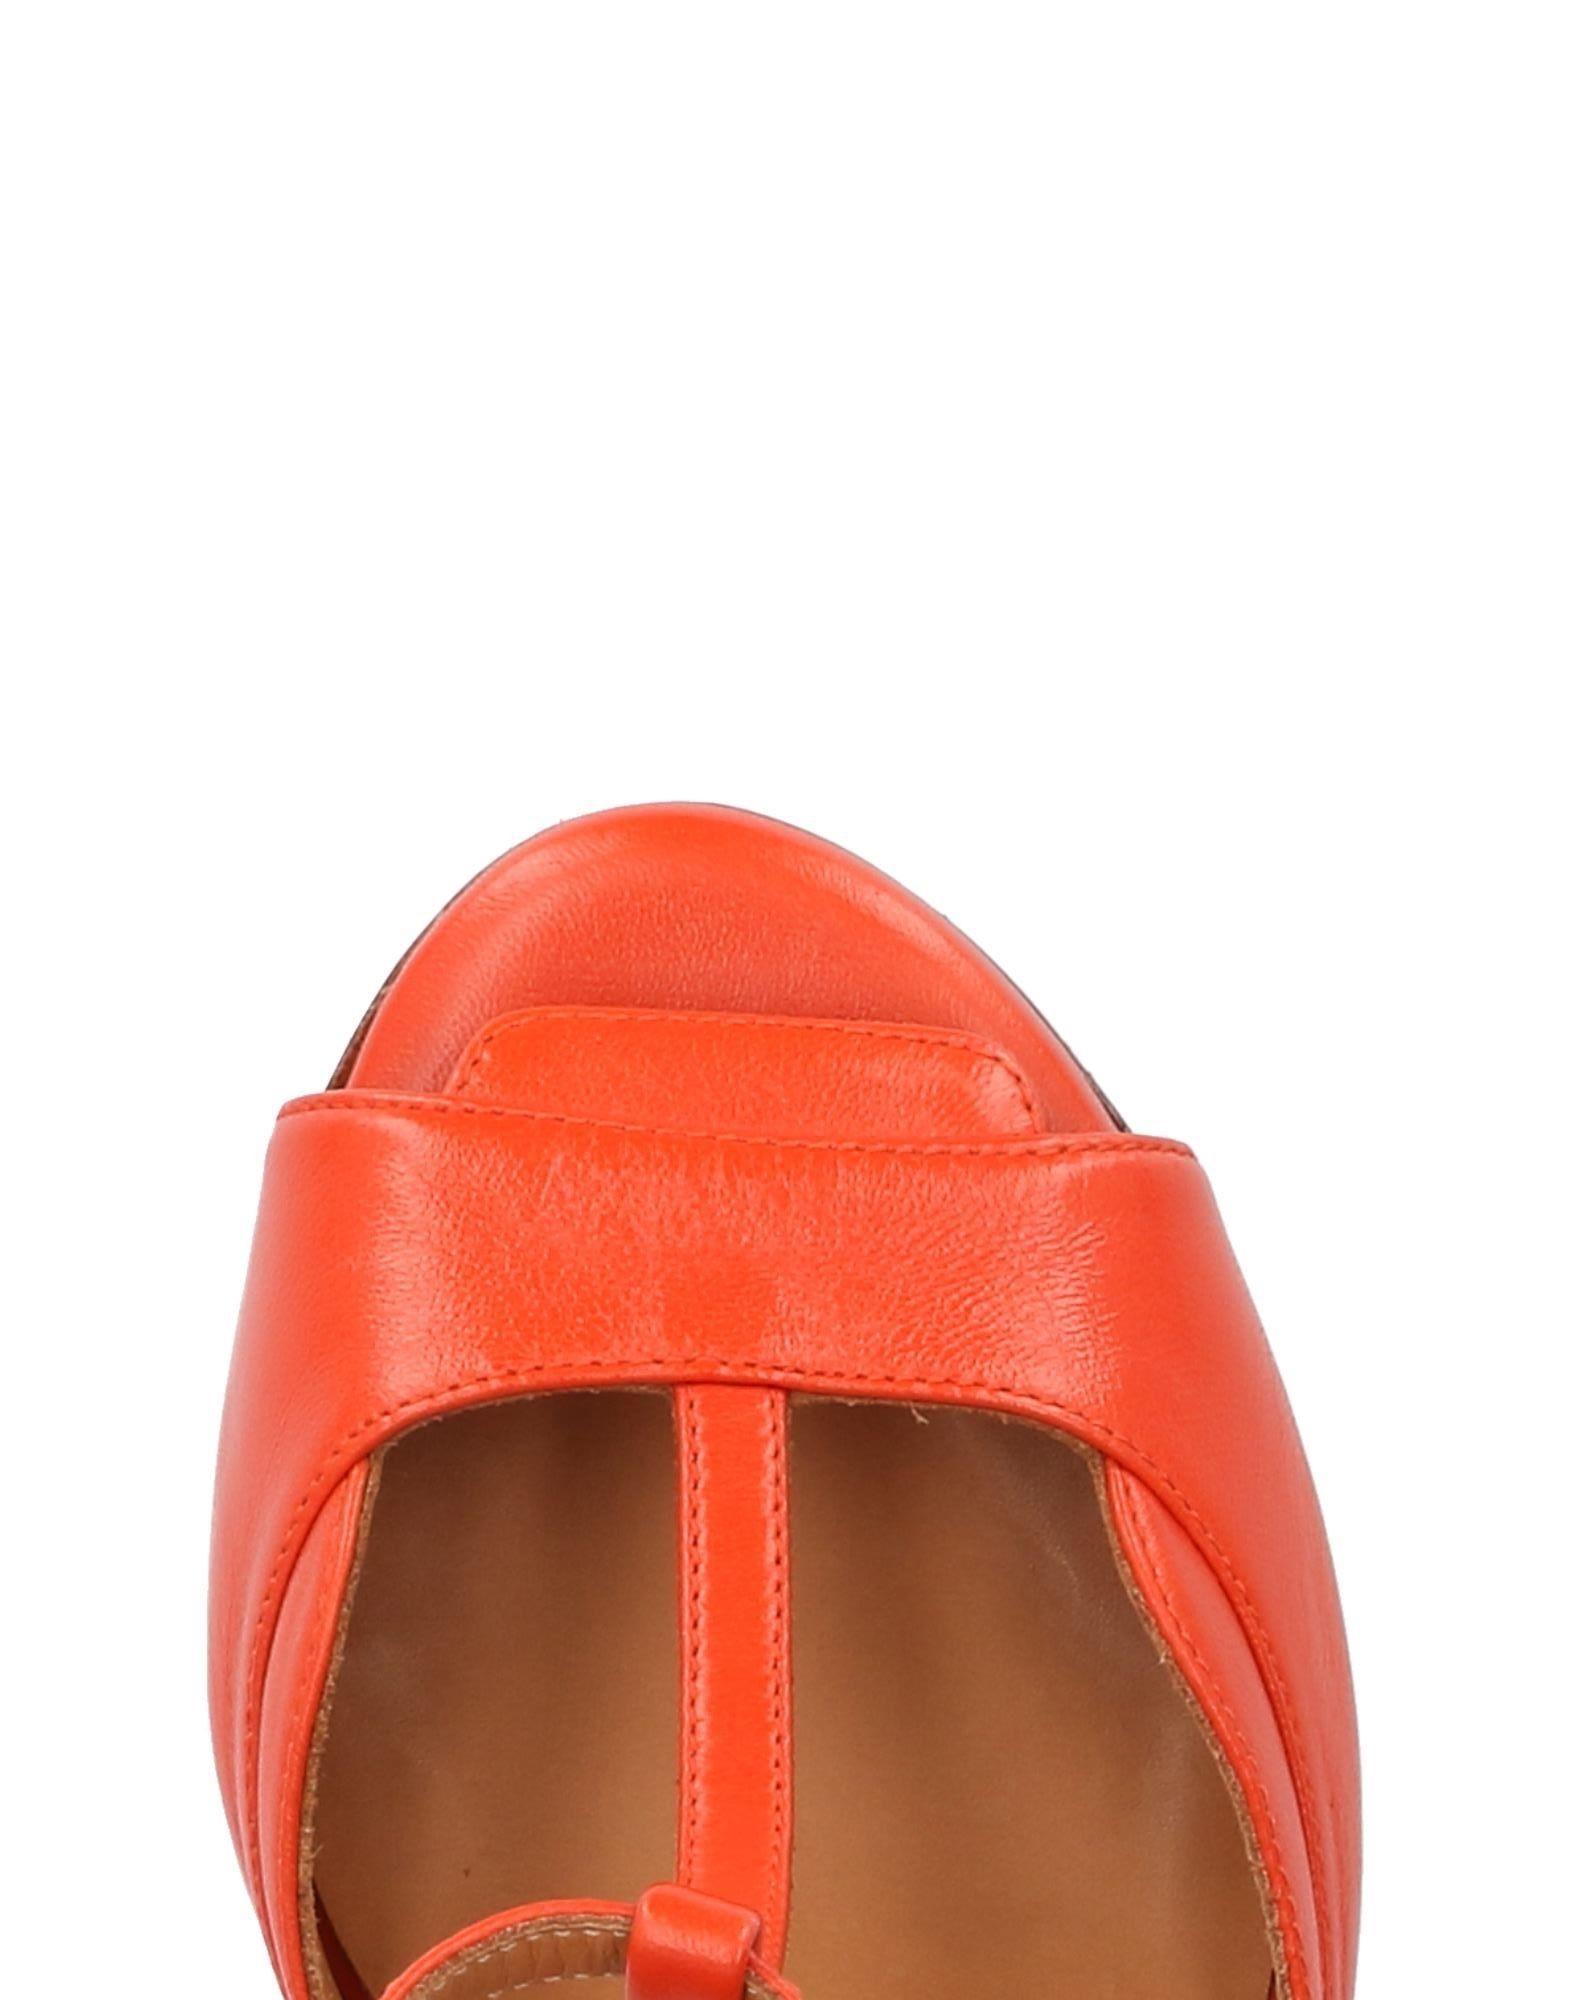 Stilvolle Mihara billige Schuhe Chie By Chie Mihara Stilvolle Sandalen Damen  11438399FX ad6f3f